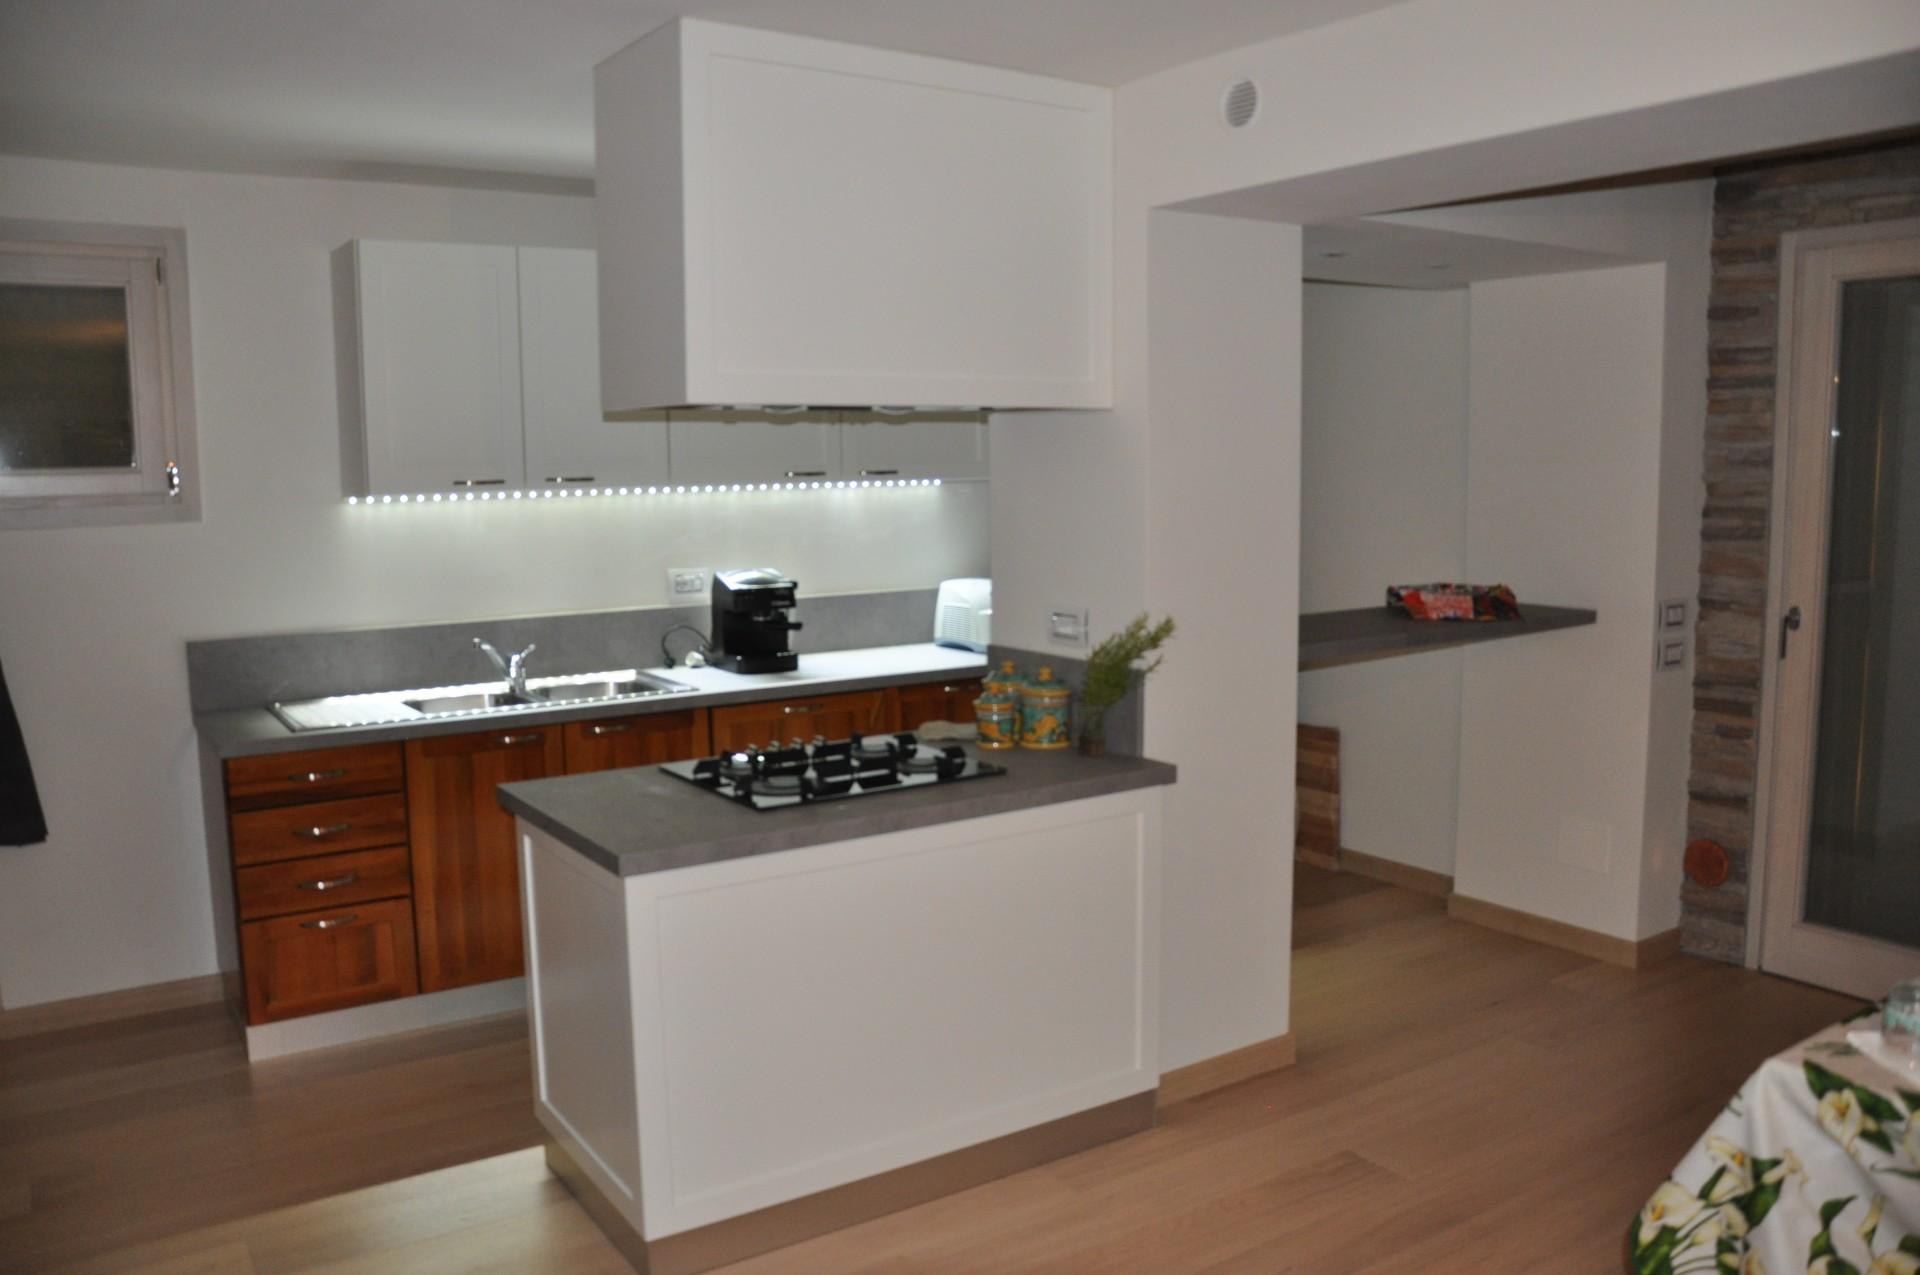 Cucine moderne fadini mobili cerea verona - Cucine moderne ad angolo con isola ...